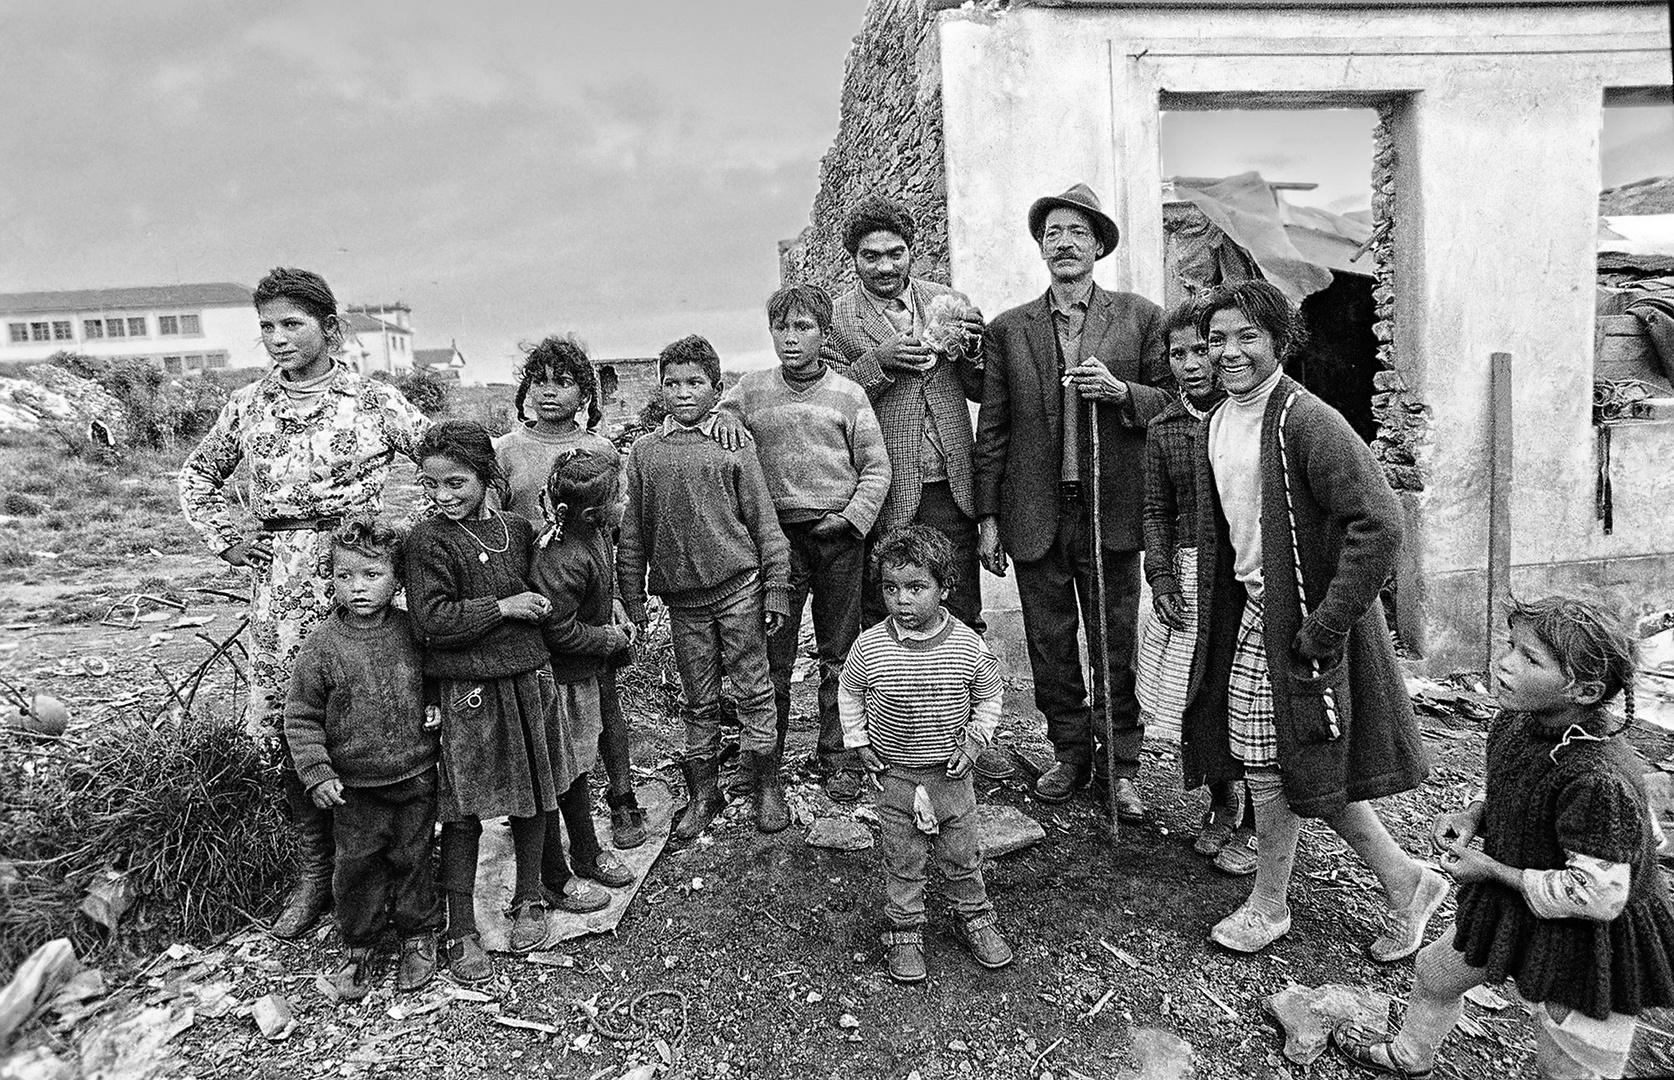 Año 1.974 - FAMILIA GITANA CON SU PATRIARCA